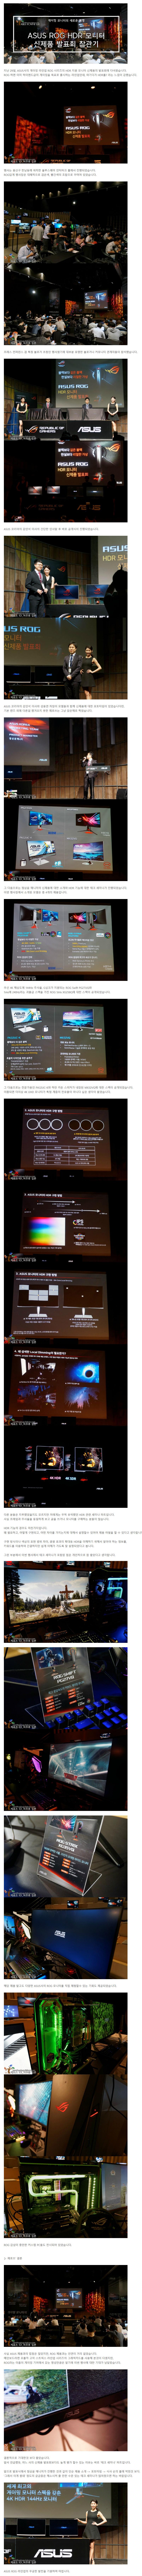 제로쓰, ASUS ROG HDR 모니터 신제품 발표회에 가다.jpg